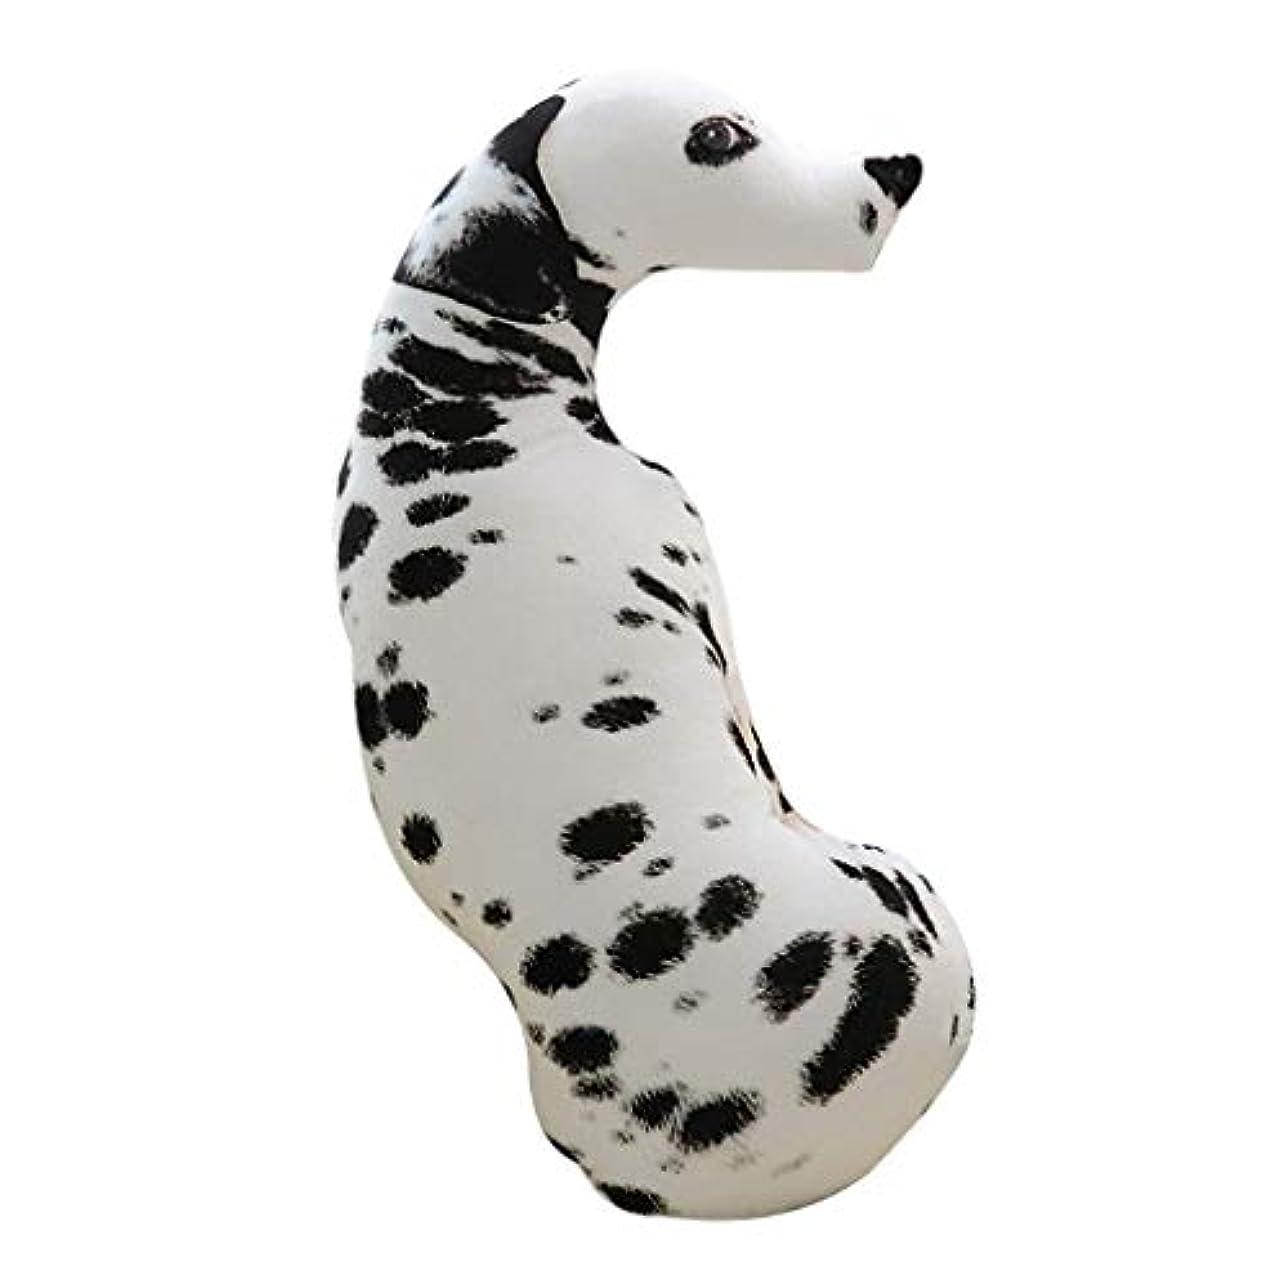 放出タップ初期のLIFE 装飾クッションソファおかしい 3D 犬印刷スロー枕創造クッションかわいいぬいぐるみギフト家の装飾 coussin decoratif クッション 椅子